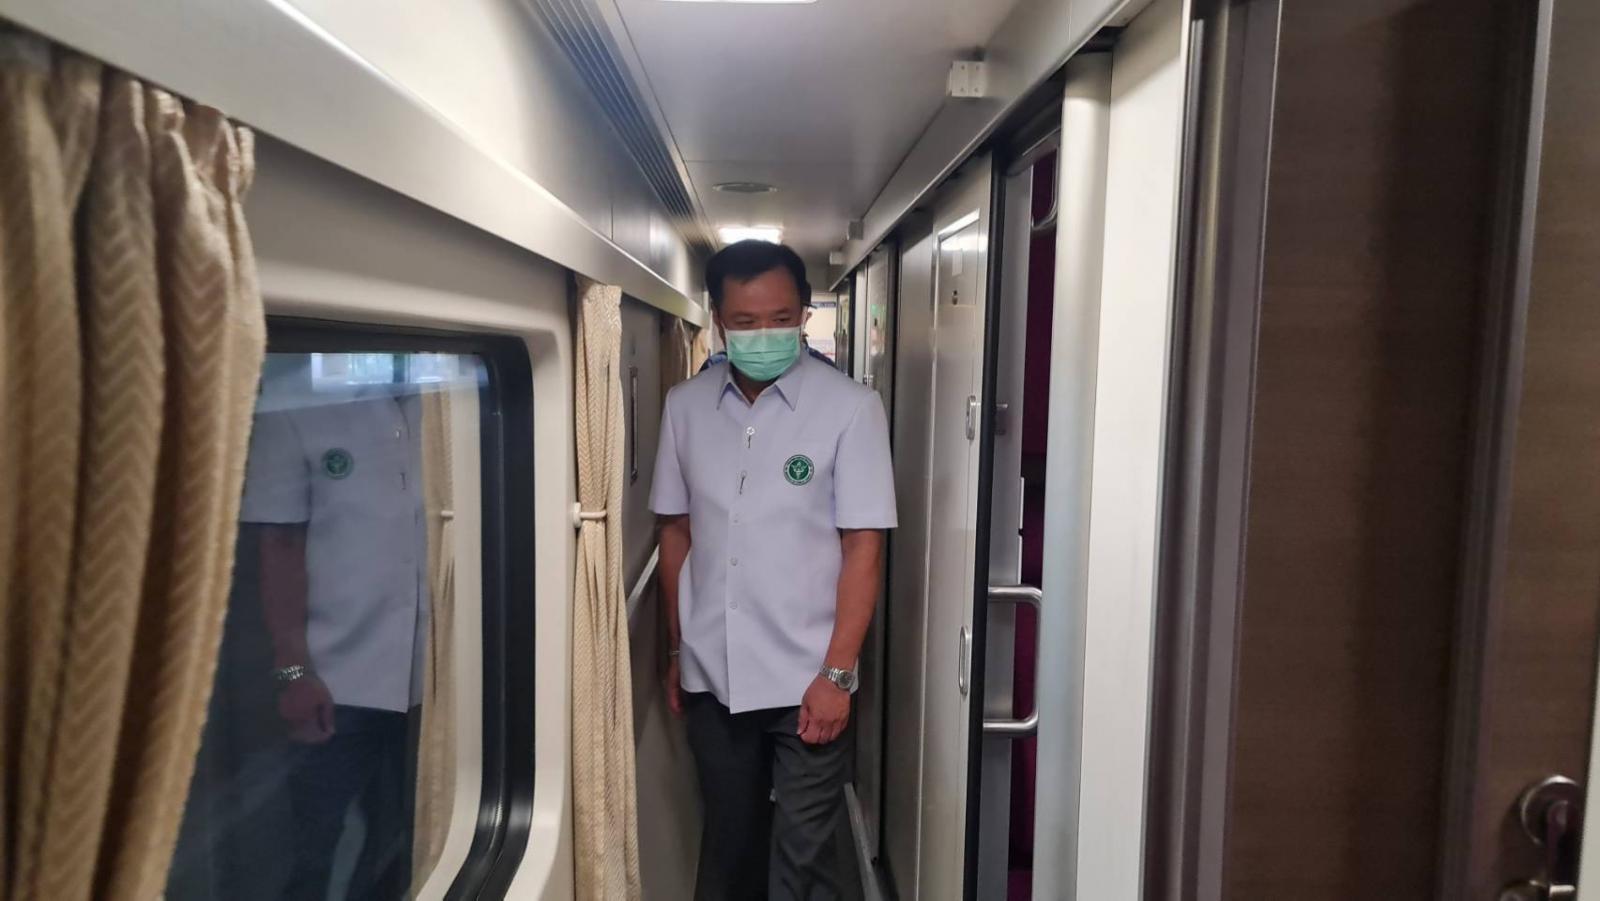 รถไฟสายอีสานส่งผู้ป่วยโควิด 135 คนกลับไปรักษาตัวที่บ้านเกิด